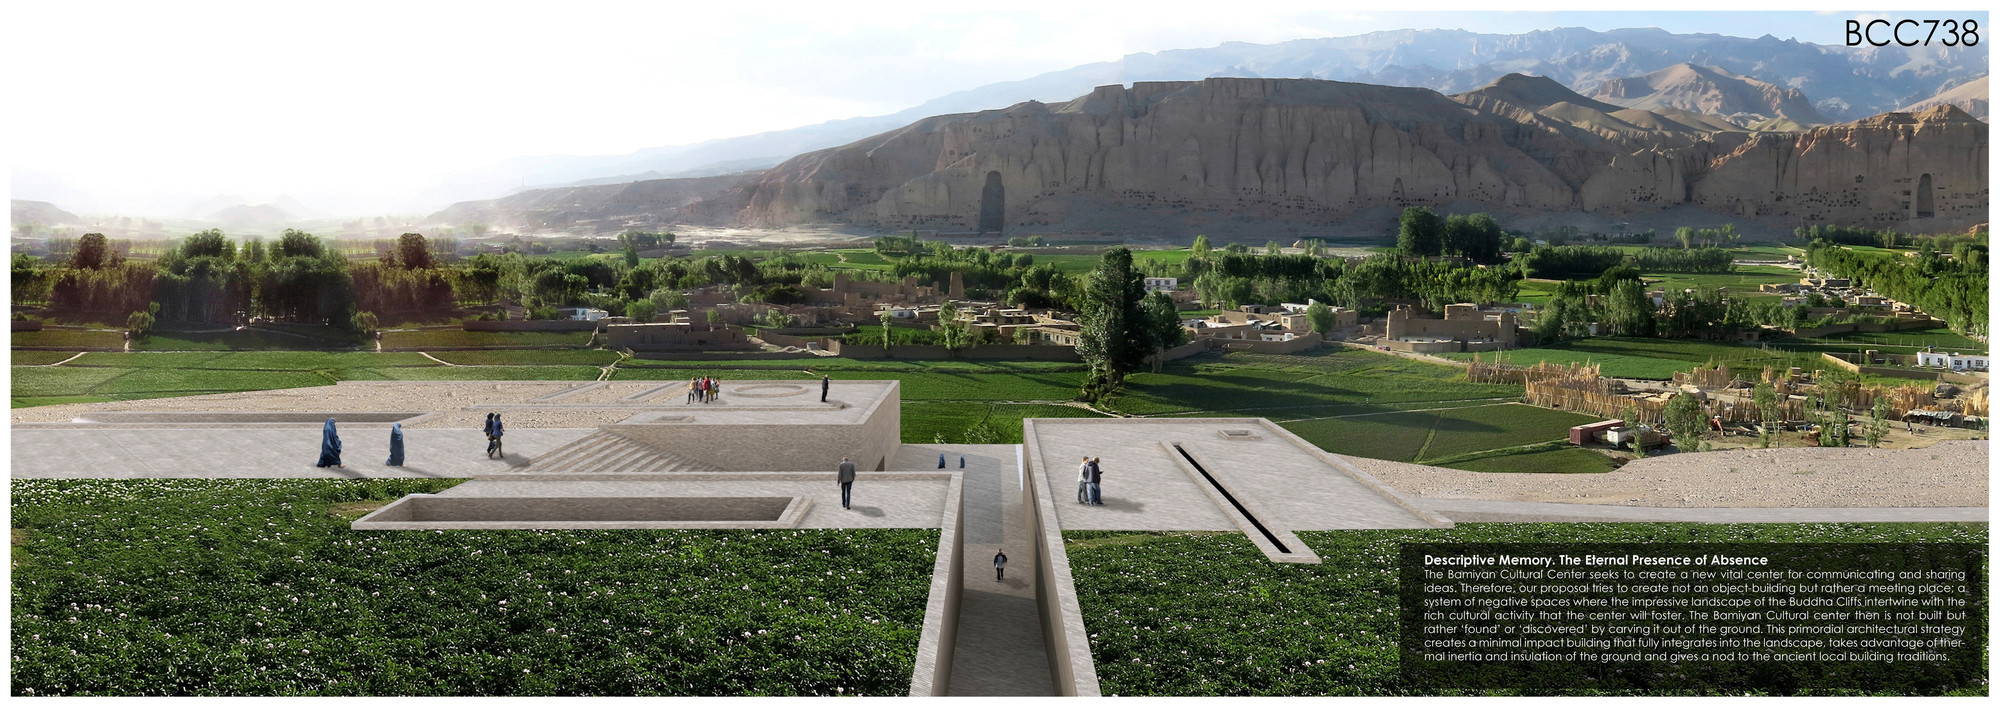 Arquitetos argentinos vencem concurso da UNESCO para o novo Centro Cultural de Bamiyan, Proposta vencedora. Proposta vencedora